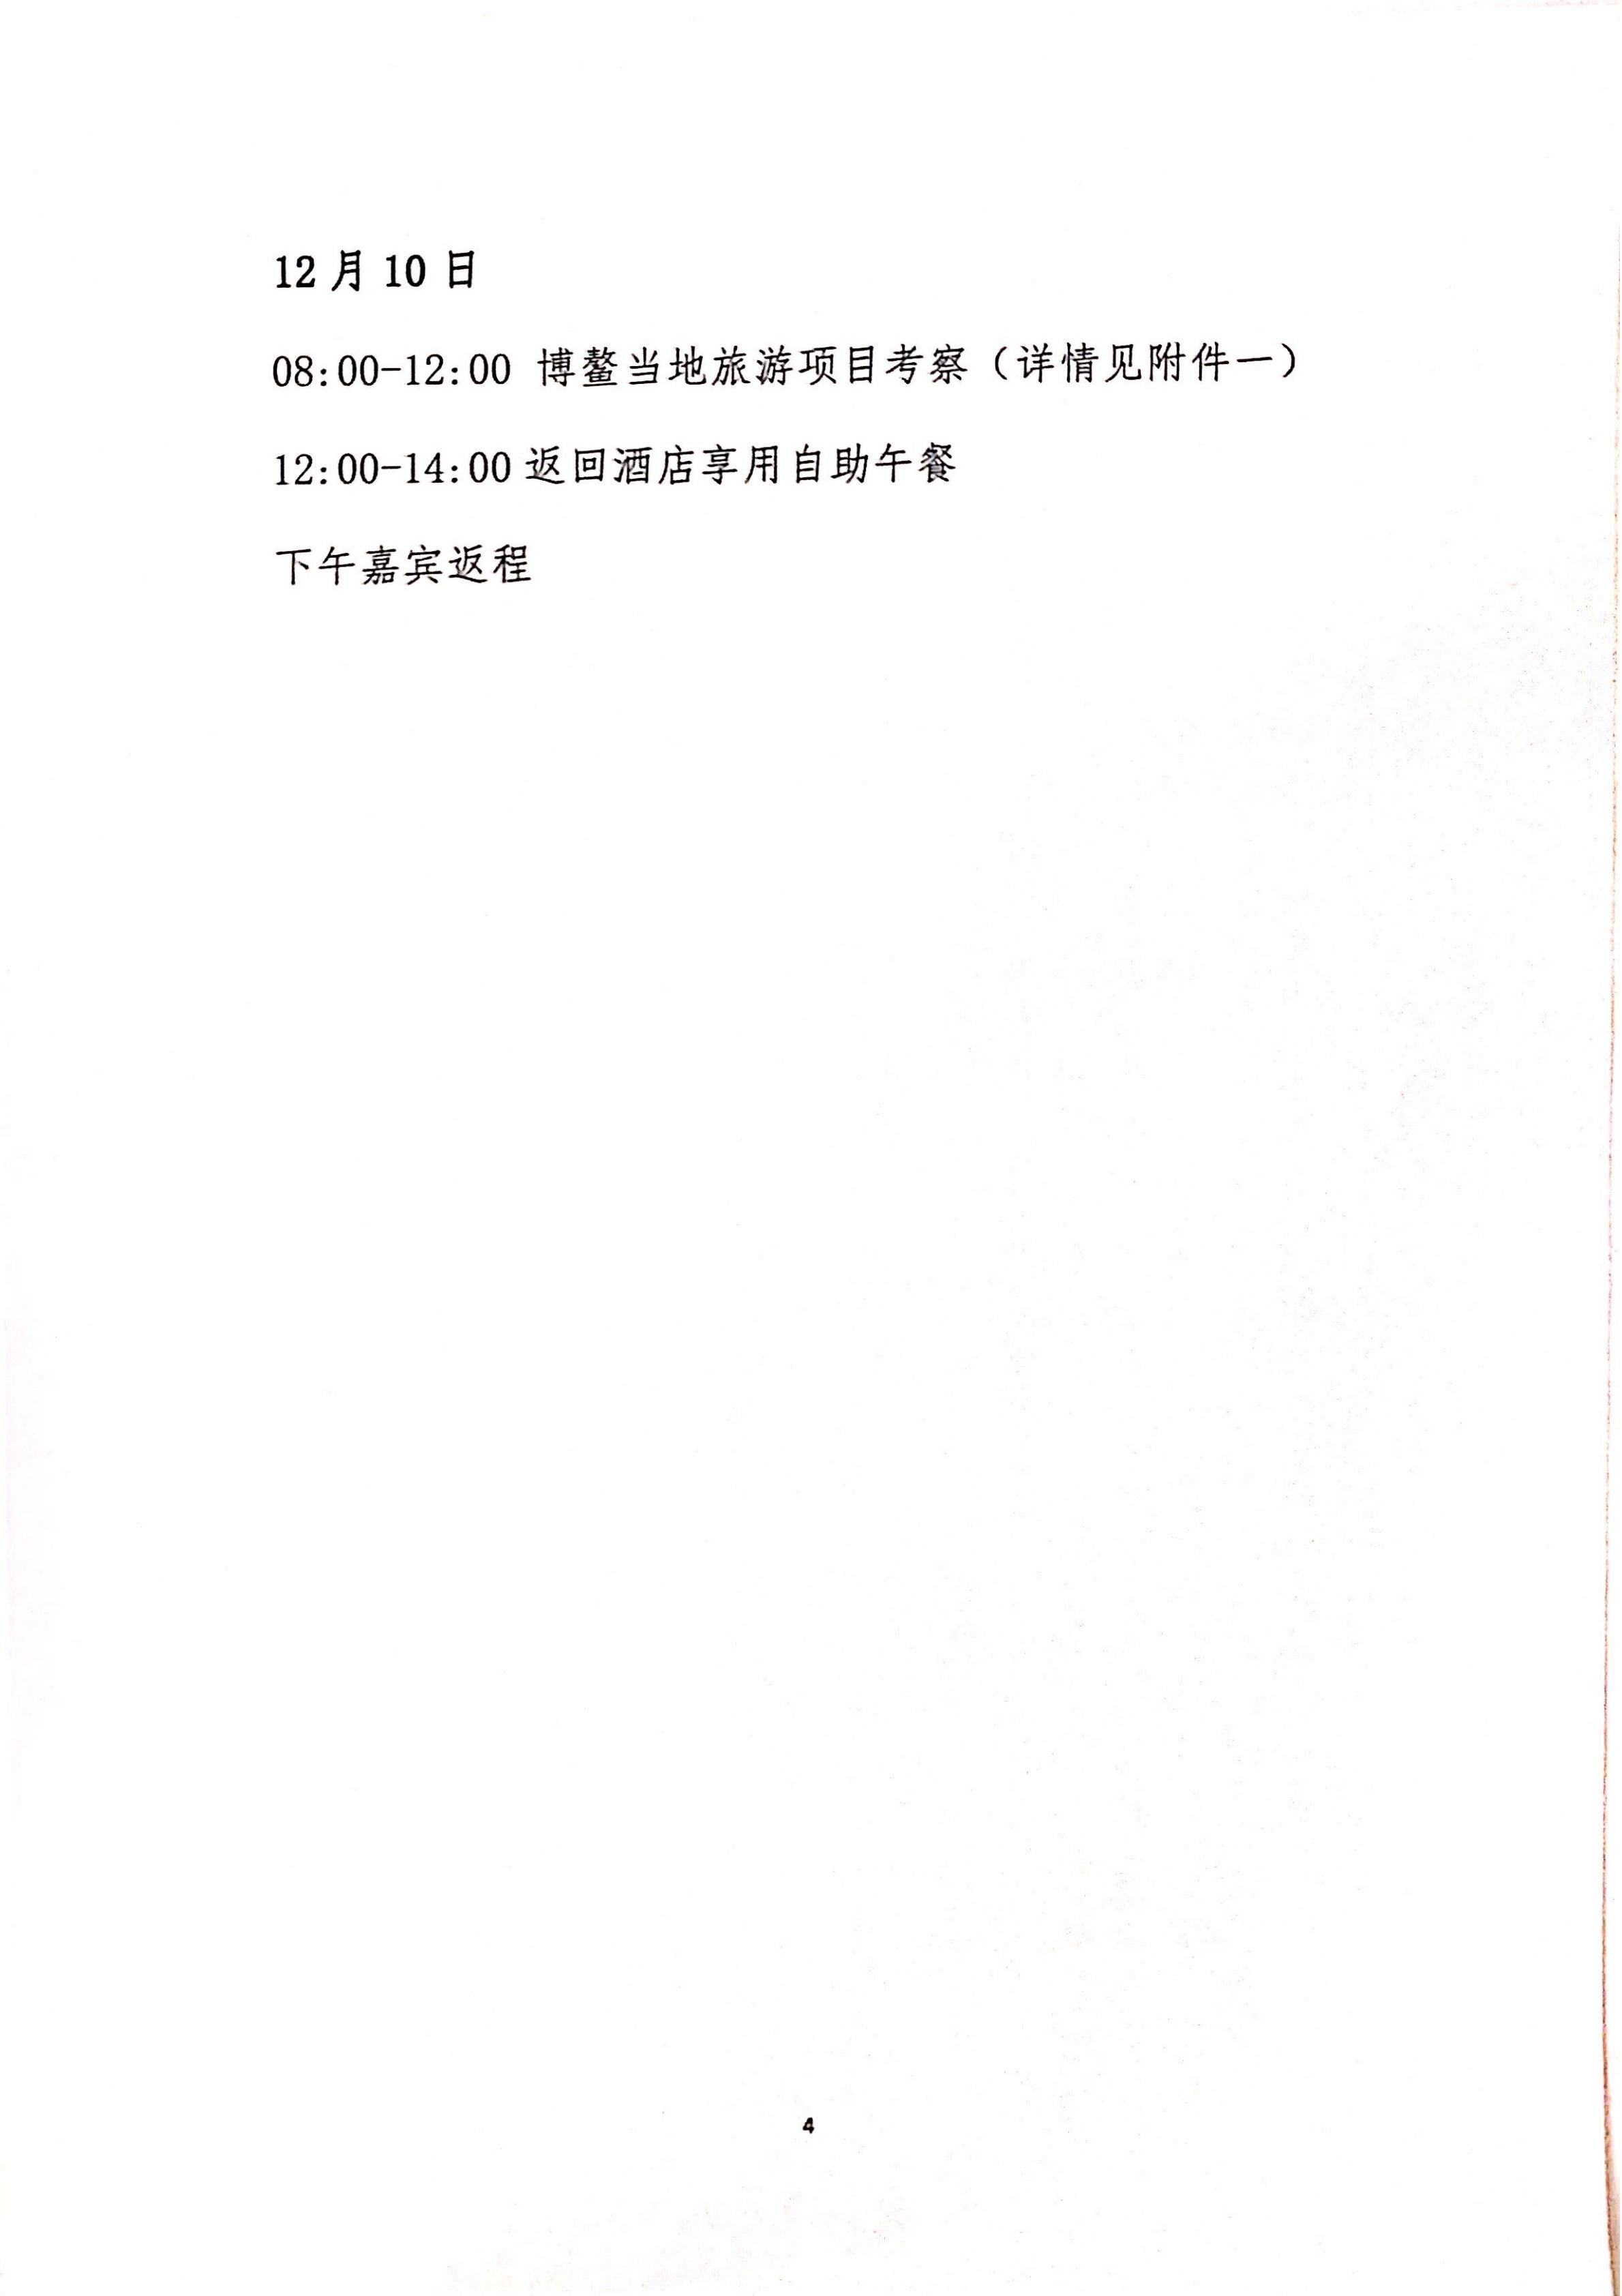 粵旅協函〔2019〕45號號廣東省旅游協會關于轉發中國旅游協會召開中國服務旅游產品創新大會的通知_04